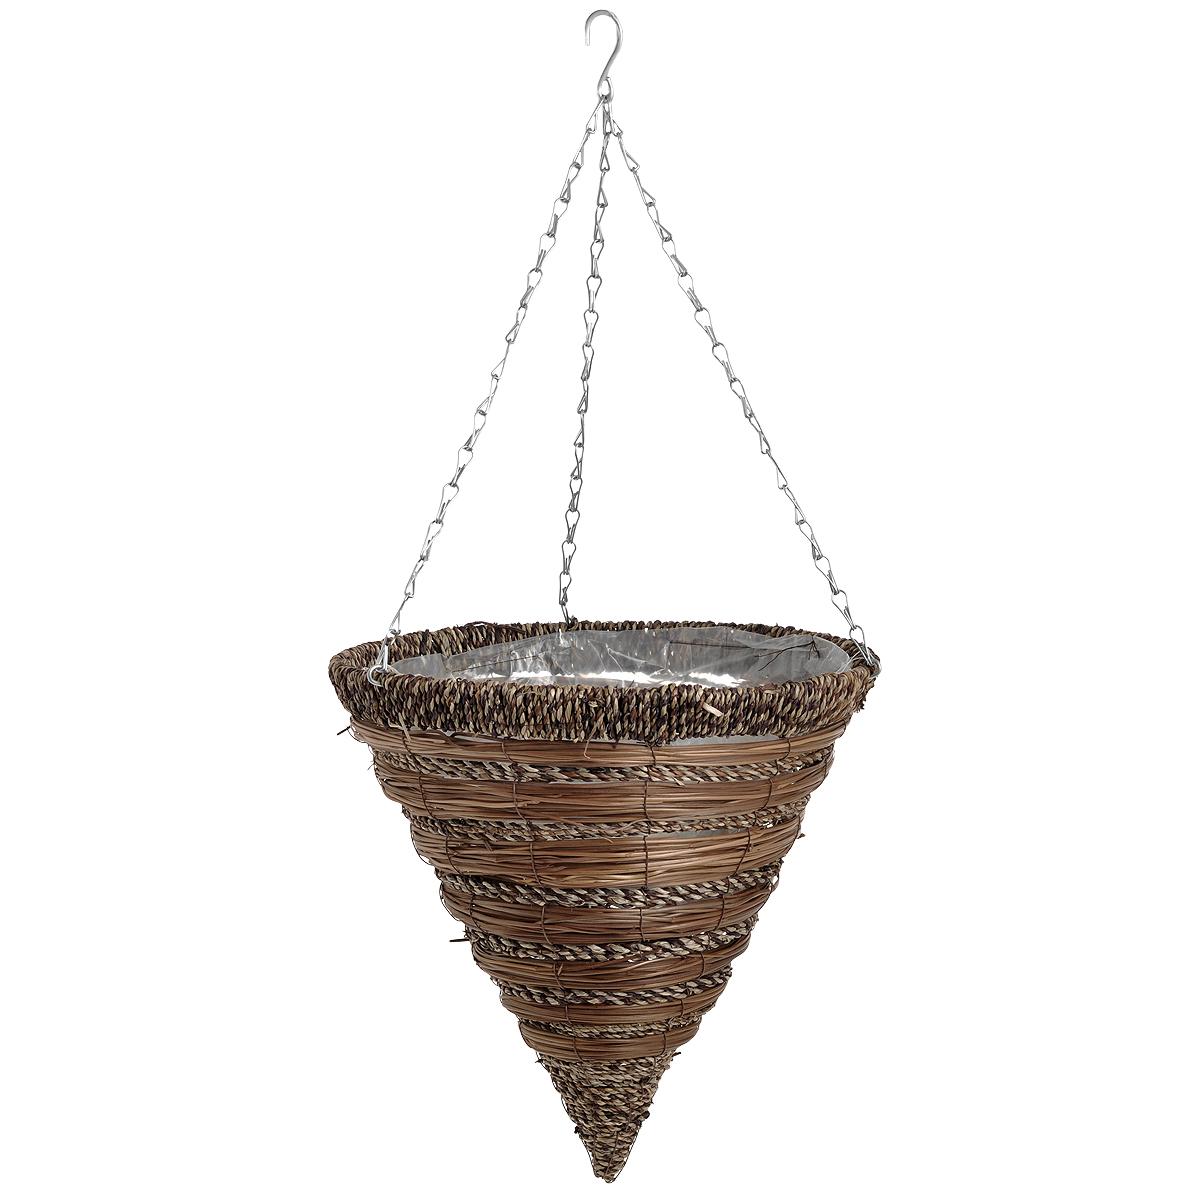 Корзина подвесная для цветов Gardman, диаметр 35 см. 0277002770Подвесная плетеная корзина Gardman в форме конуса изготовлена из сизаля. Каркас выполнен из металла. Корзина уже оснащена специальной пленкой и полностью готова для посадки растений. Прекрасно подходит для цветов. Подвешивается с помощью специальной тройной металлической цепи с крючком.Кашпо часто становятся последним штрихом, который совершенно изменяет интерьер помещения или ландшафтный дизайн сада. Благодаря такому кашпо вы сможете украсить вашу комнату, офис или сад. Характеристики: Материал: металл, сизаль. Диаметр корзины: 35 см. Высота корзины: 36 см. Товары для садоводства от Gardman - это вещи, сделанные с любовью, с истинно английской практичностью, основанной на глубоких традициях садоводства Великобритании. Эти товары широко известны садоводам Европы, США, Канады и Японии. Демократичные цены и продуманный ассортимент Gardman завоевал признательность и российского покупателя, достойного хороших, качественных вещей. В ассортименте Gardman есть практически все, что нужно современному садоводу - от совочка для рассады до предметов декора и ландшафтного дизайна.